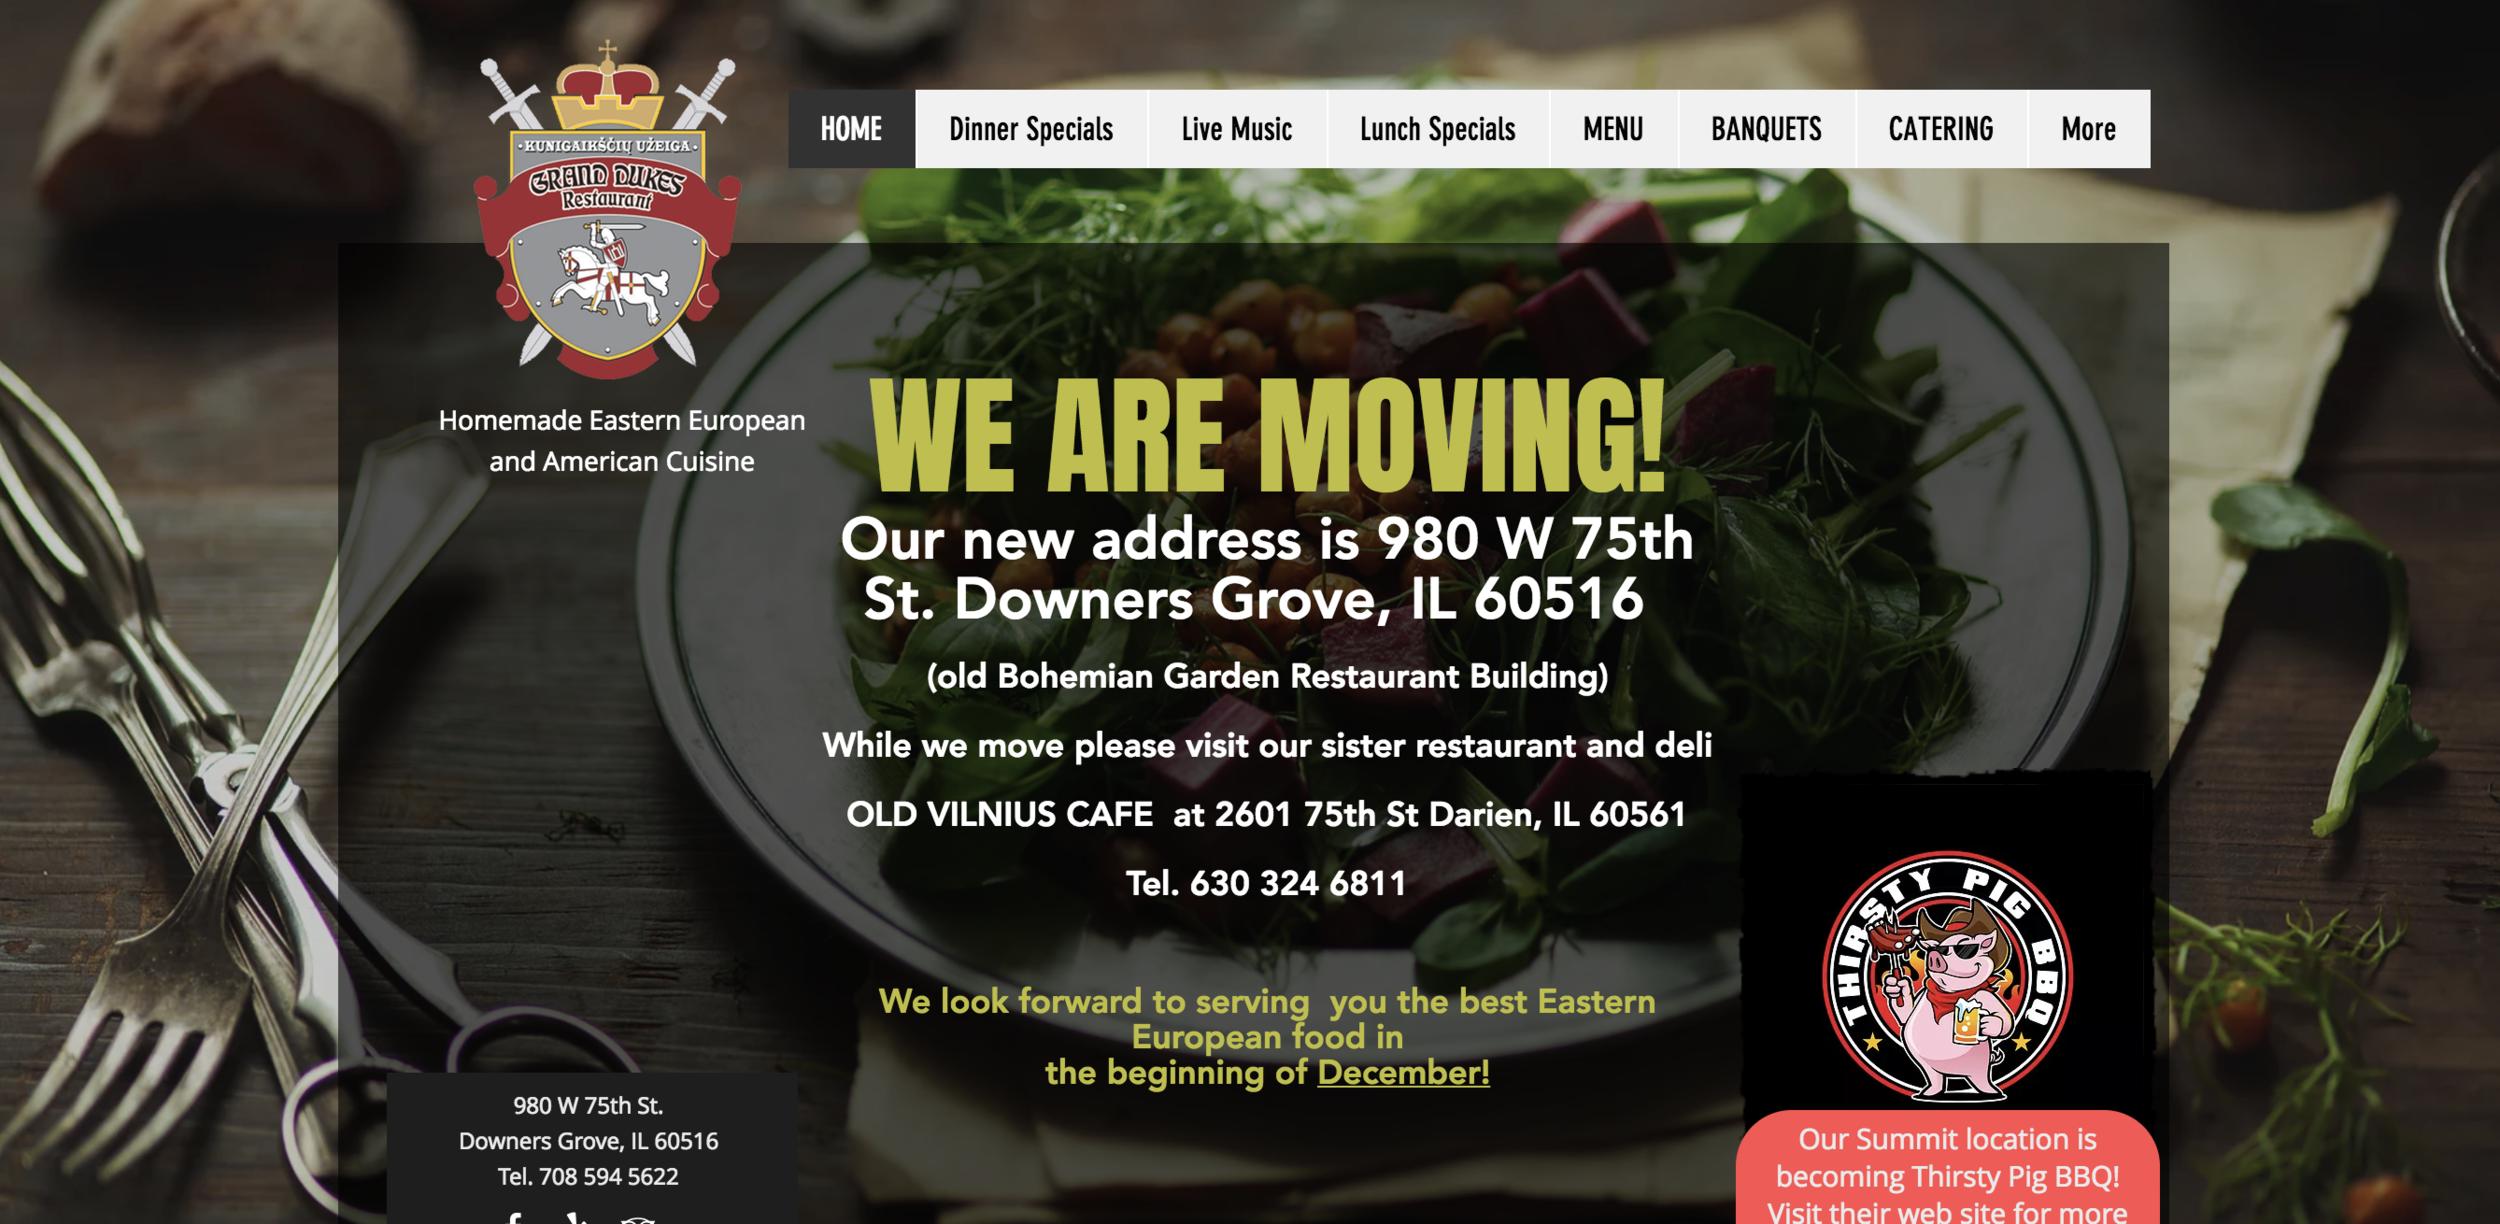 Duke's Eatery & Deli   980 W. 75th St, Downers Grove, IL 60516   630.324.6811